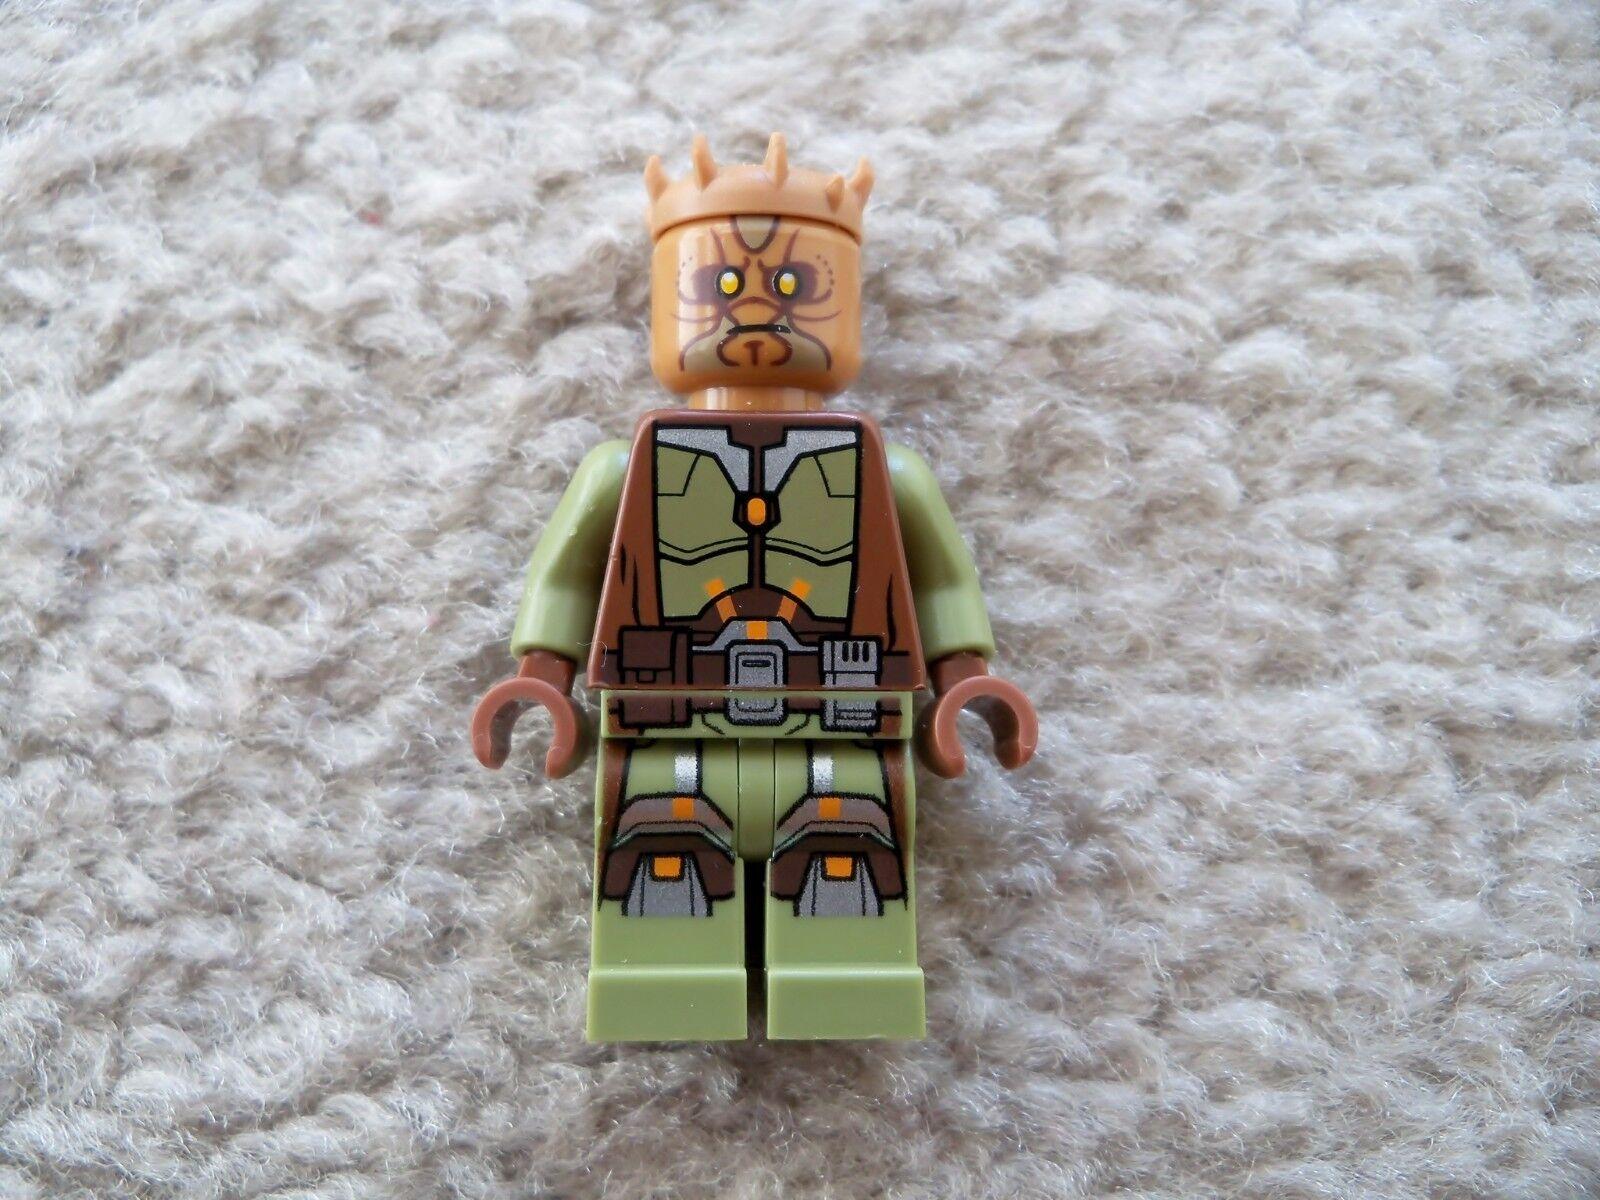 LEGO Star Wars Old Republic - Super Rare - Jedi Jedi Jedi Knight - From 75025 - Excellent 1a834a